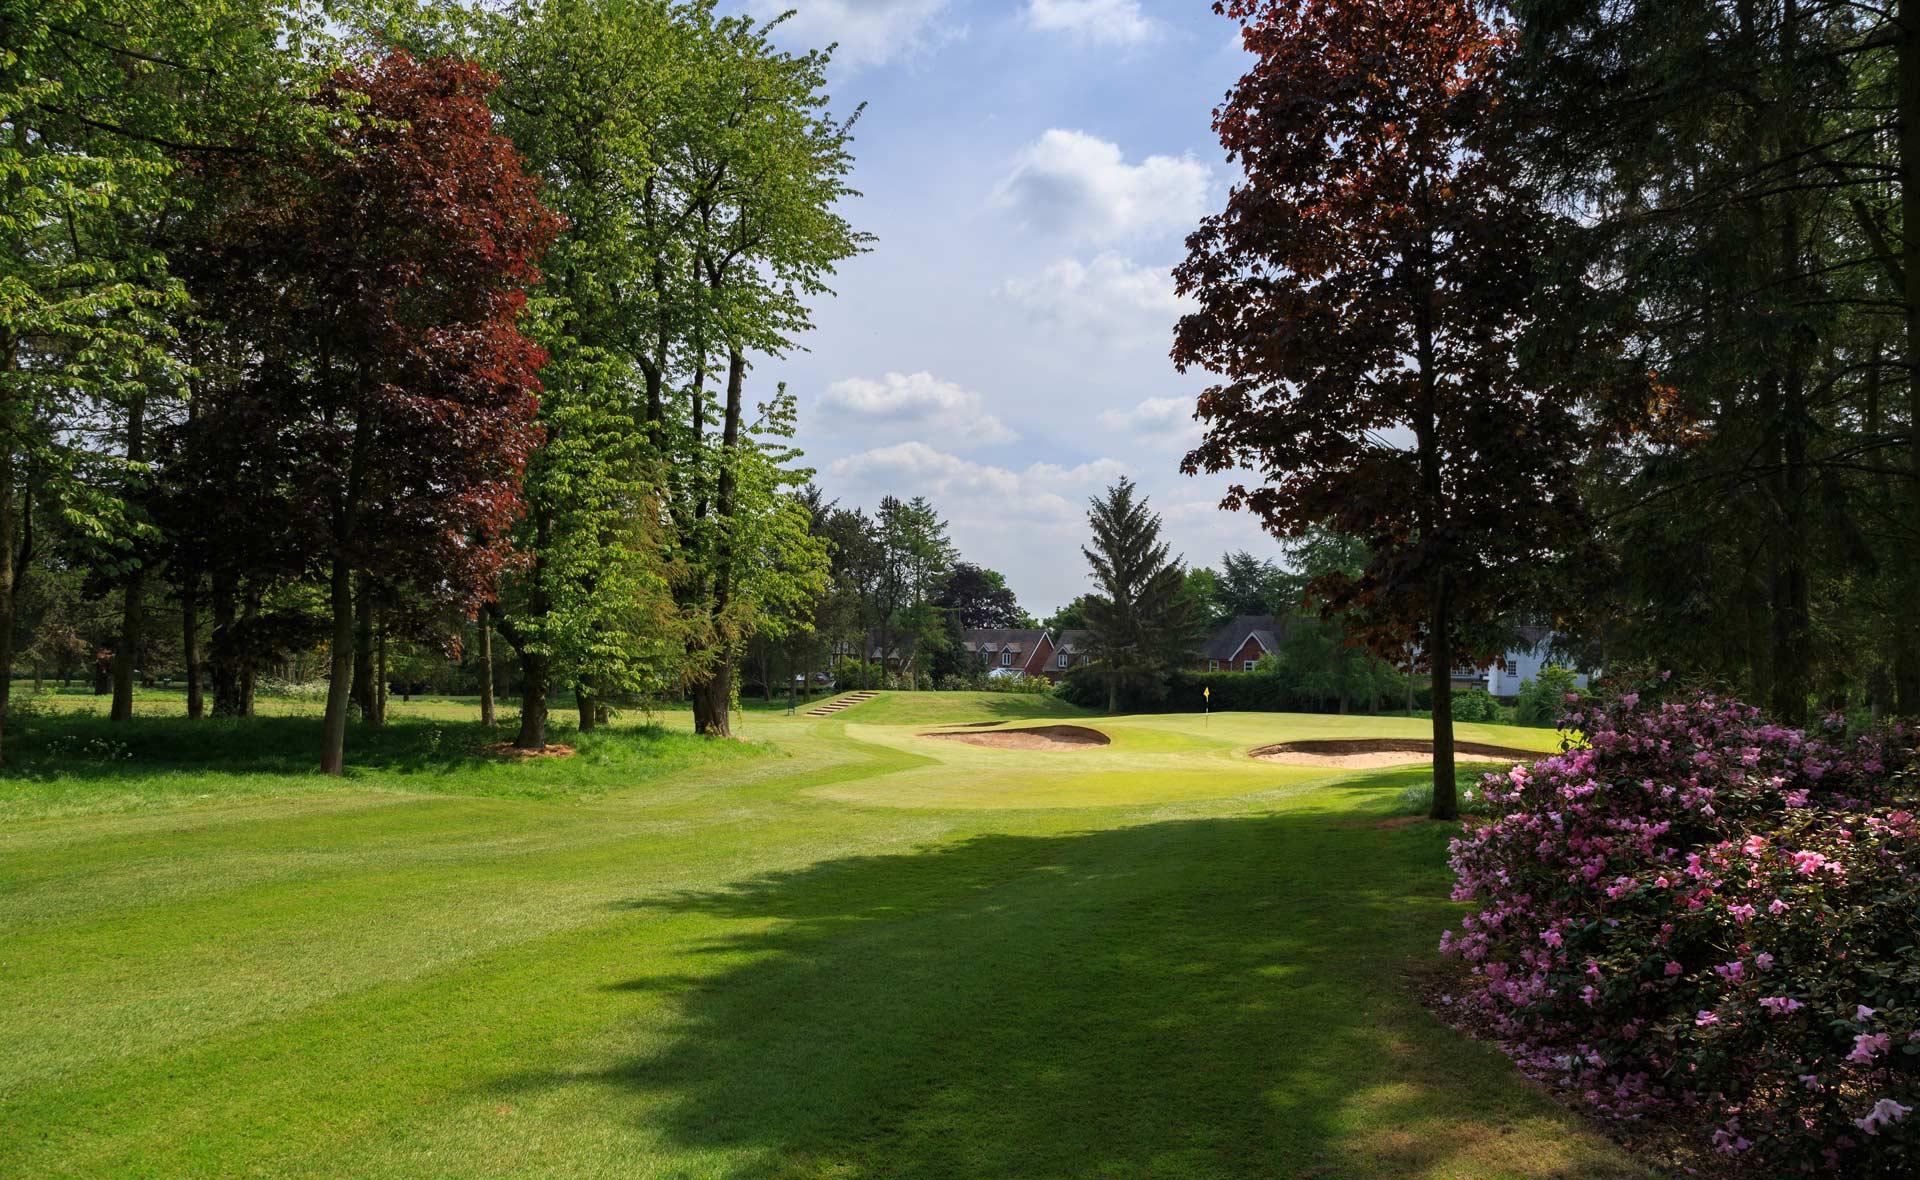 south staffordshire golf club hole 6